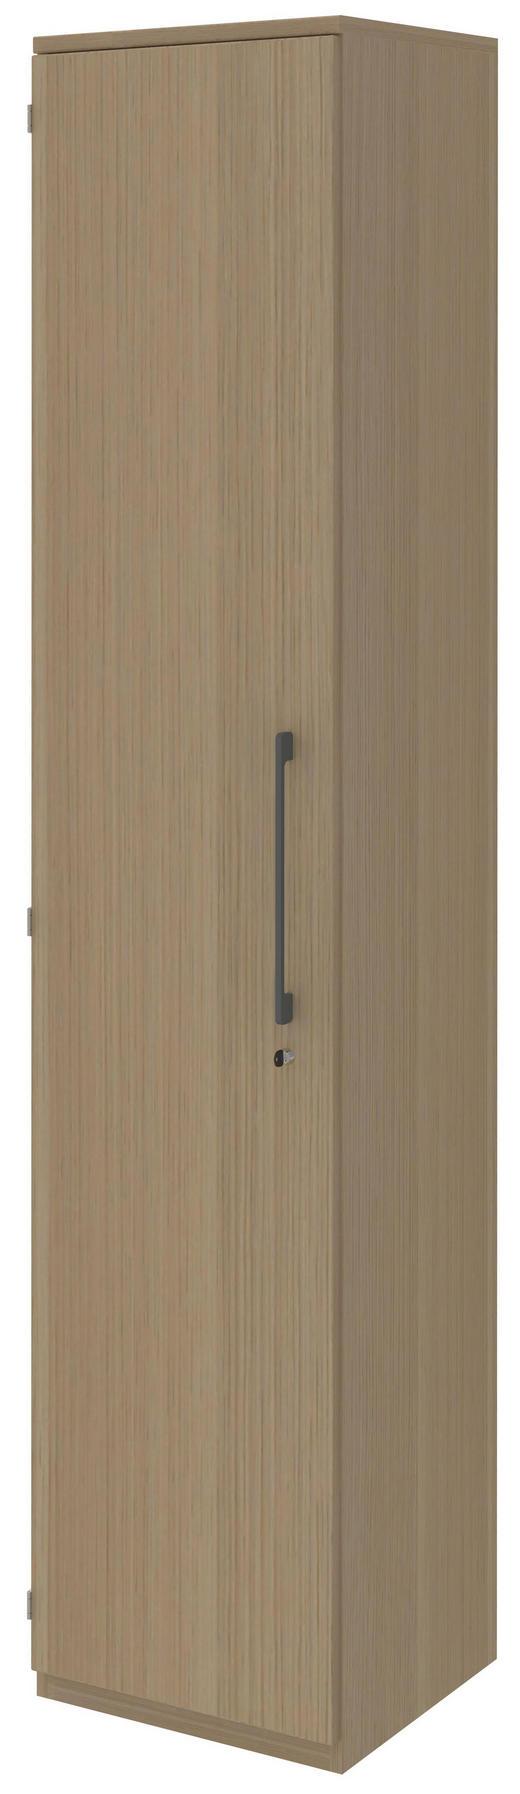 AKTENSCHRANK Eichefarben - Eichefarben, Design, Holzwerkstoff (42,7/217,4/43cm) - Moderano